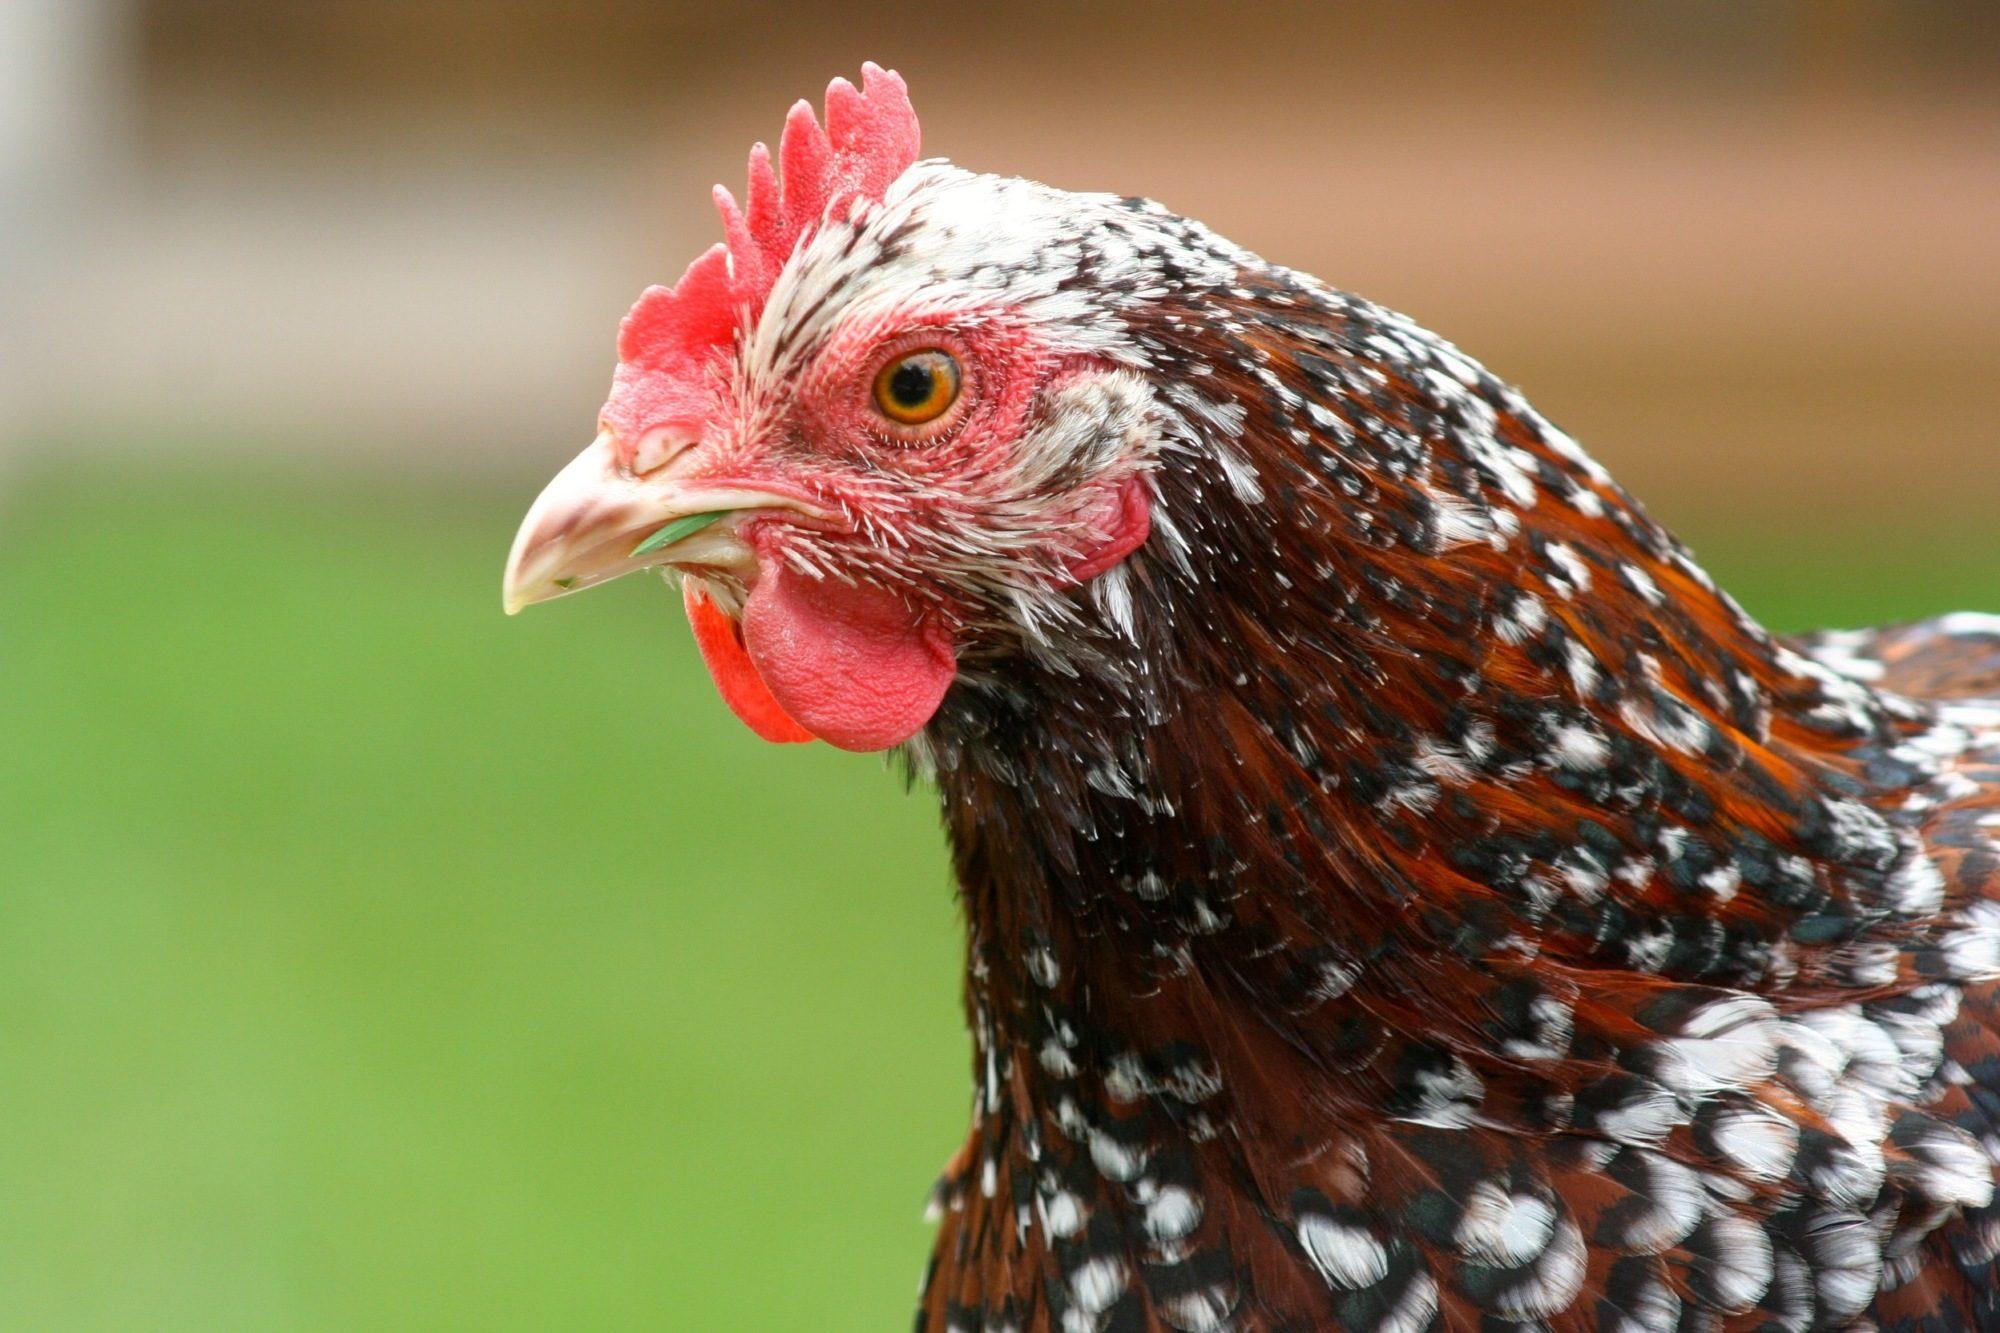 Цвет гребешка курицы расскажет о ее здоровье